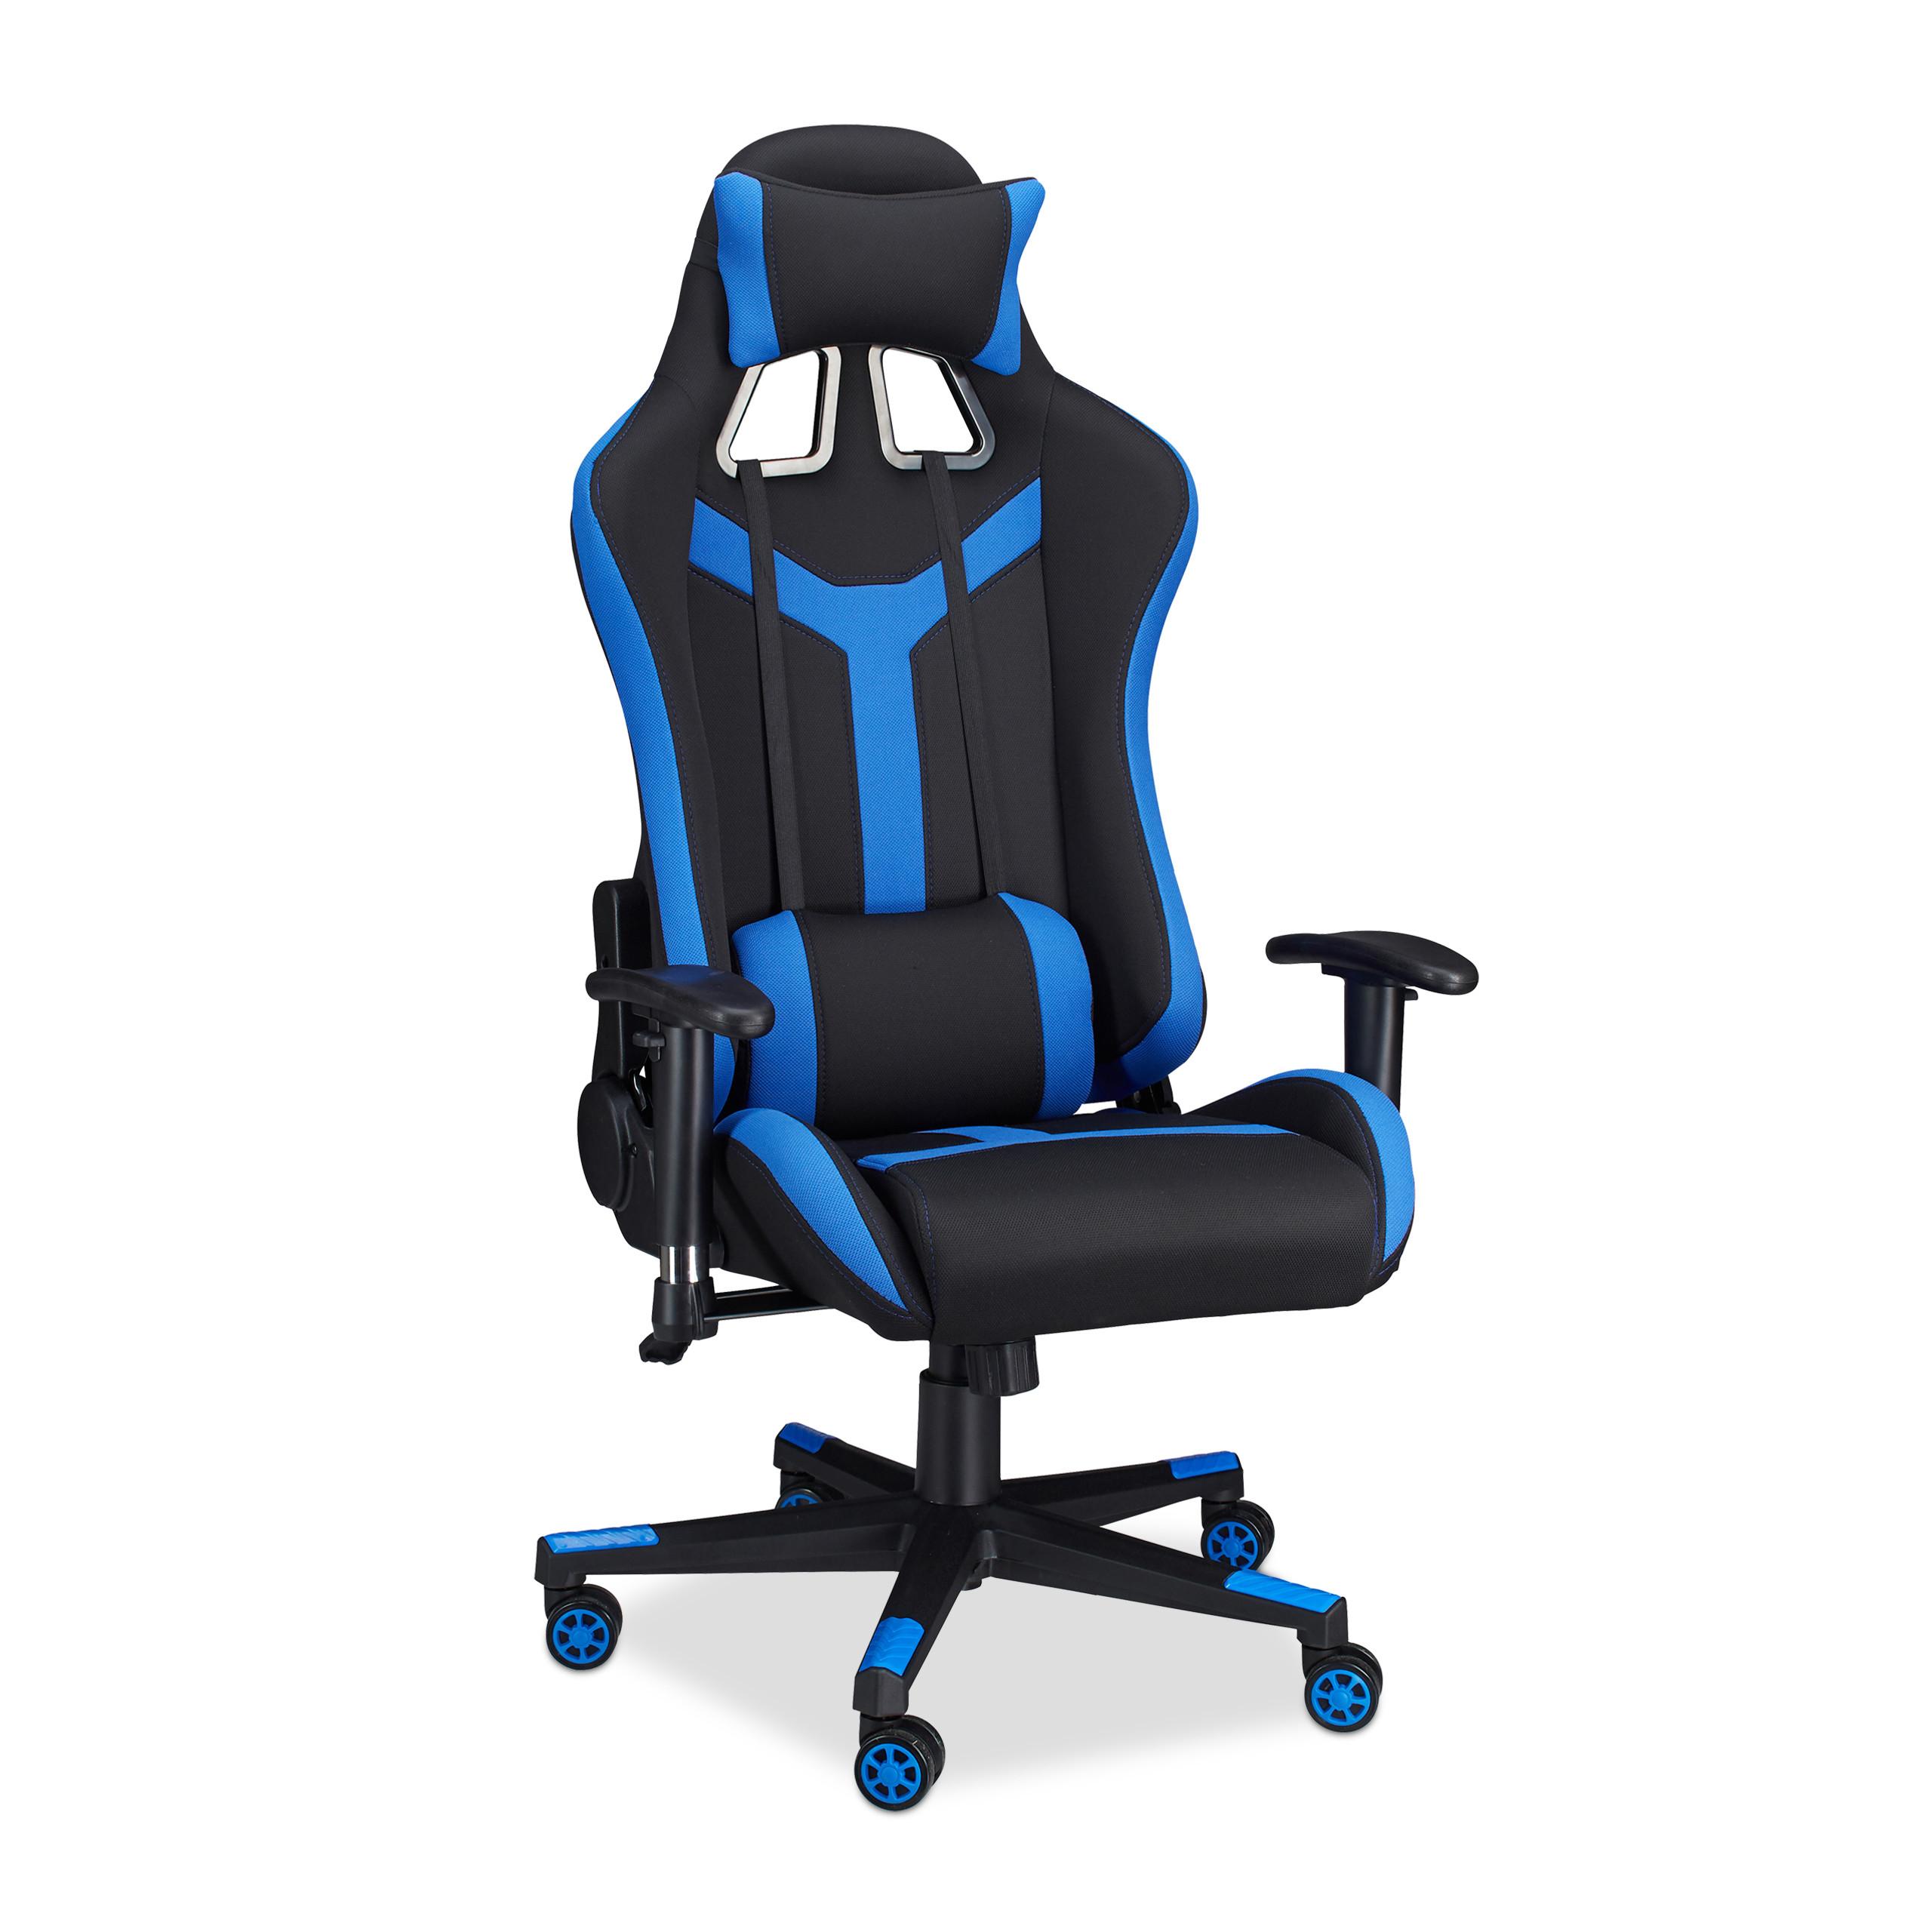 Gaming stuhl xr10 drehstuhl chefsessel gamer stuhl b rostuhl racing stuhl ebay - Gaming stuhl ebay ...